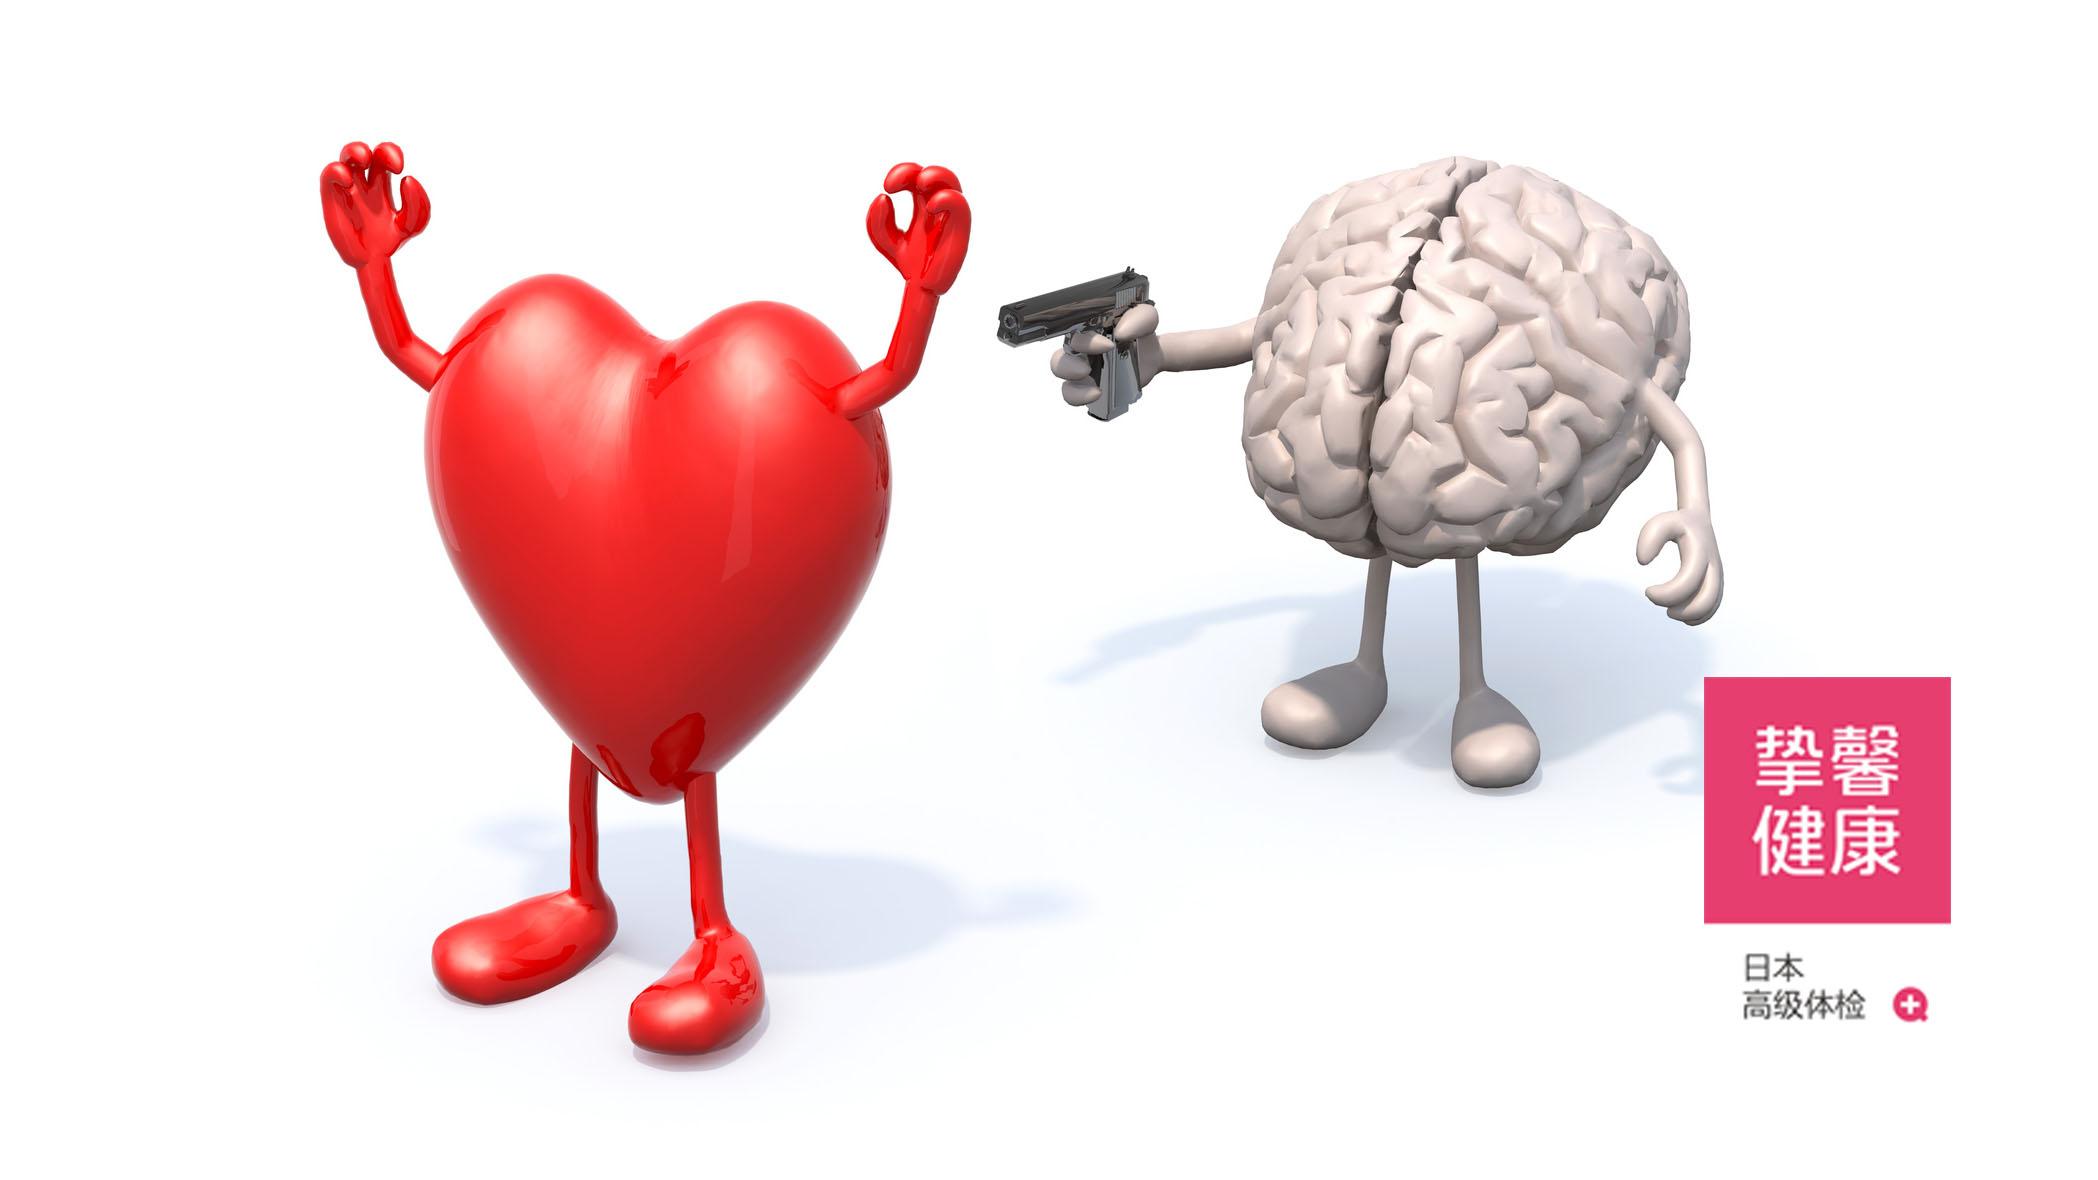 脑血管疾病时刻威胁着我们的生命